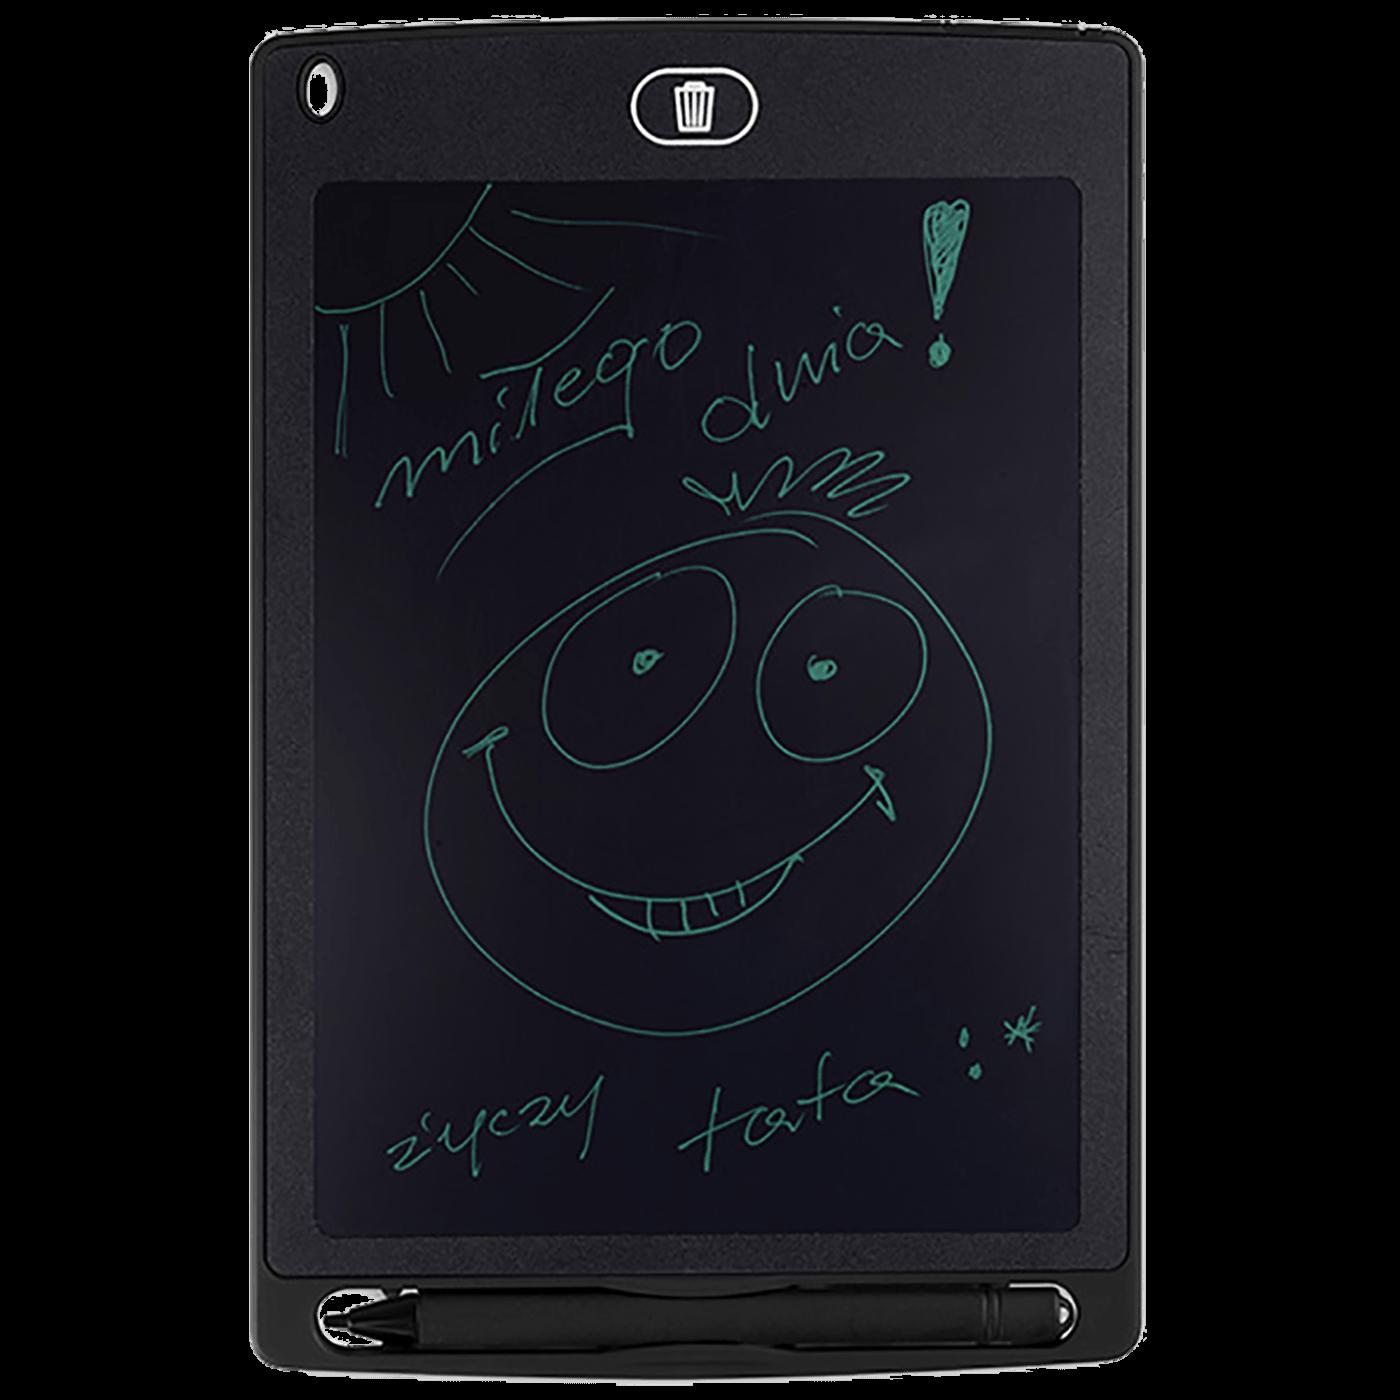 Digital writing pad Tracer Memo